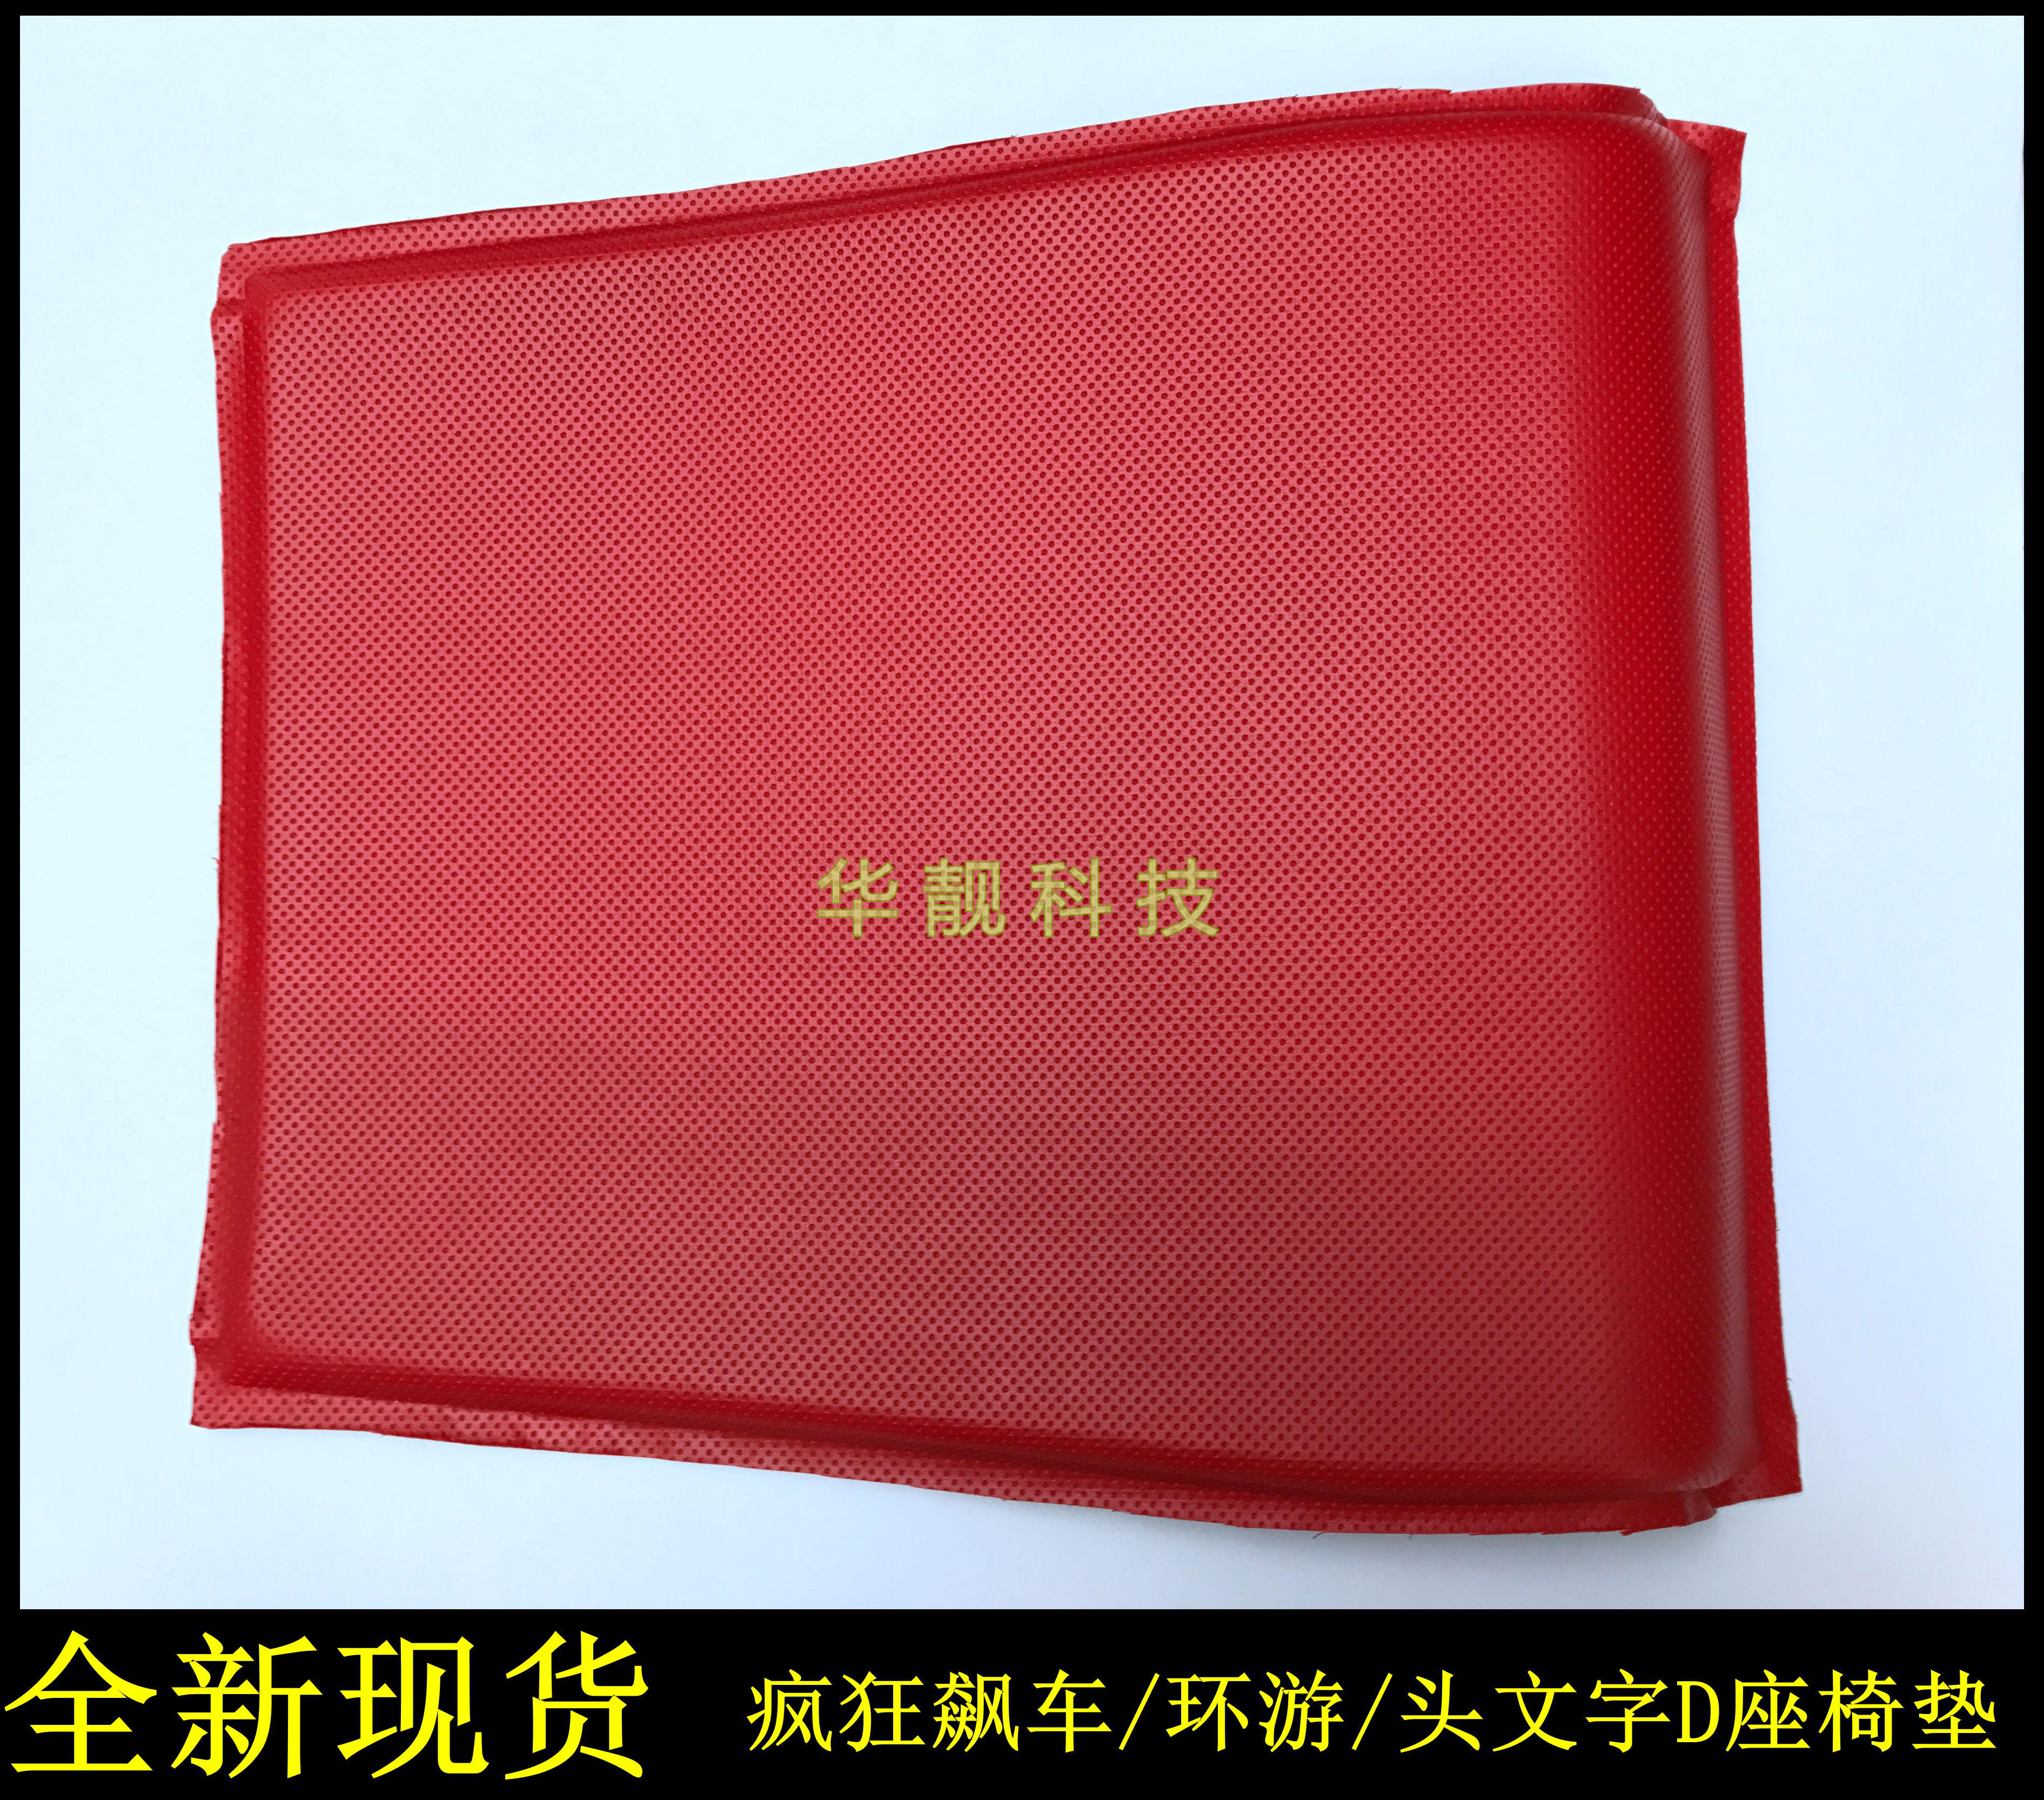 Внутриигровые ресурсы Biao car Артикул 555667429193